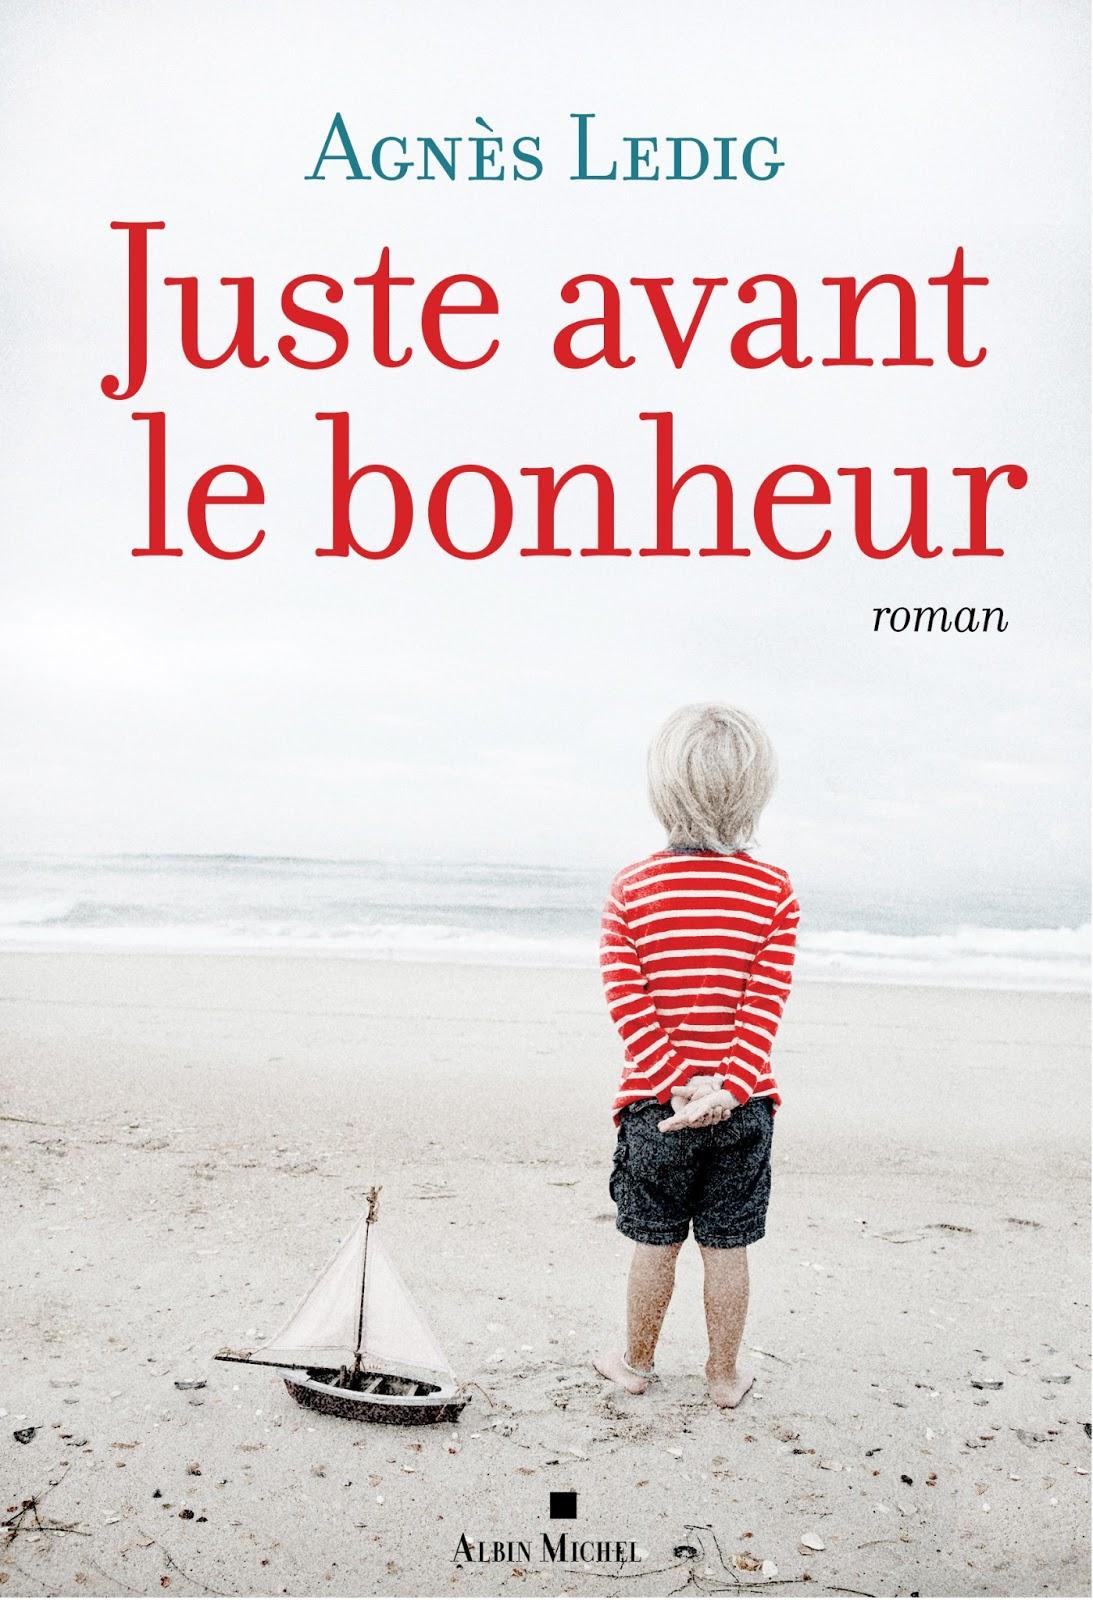 ledig_juste_avant_le_bonheur